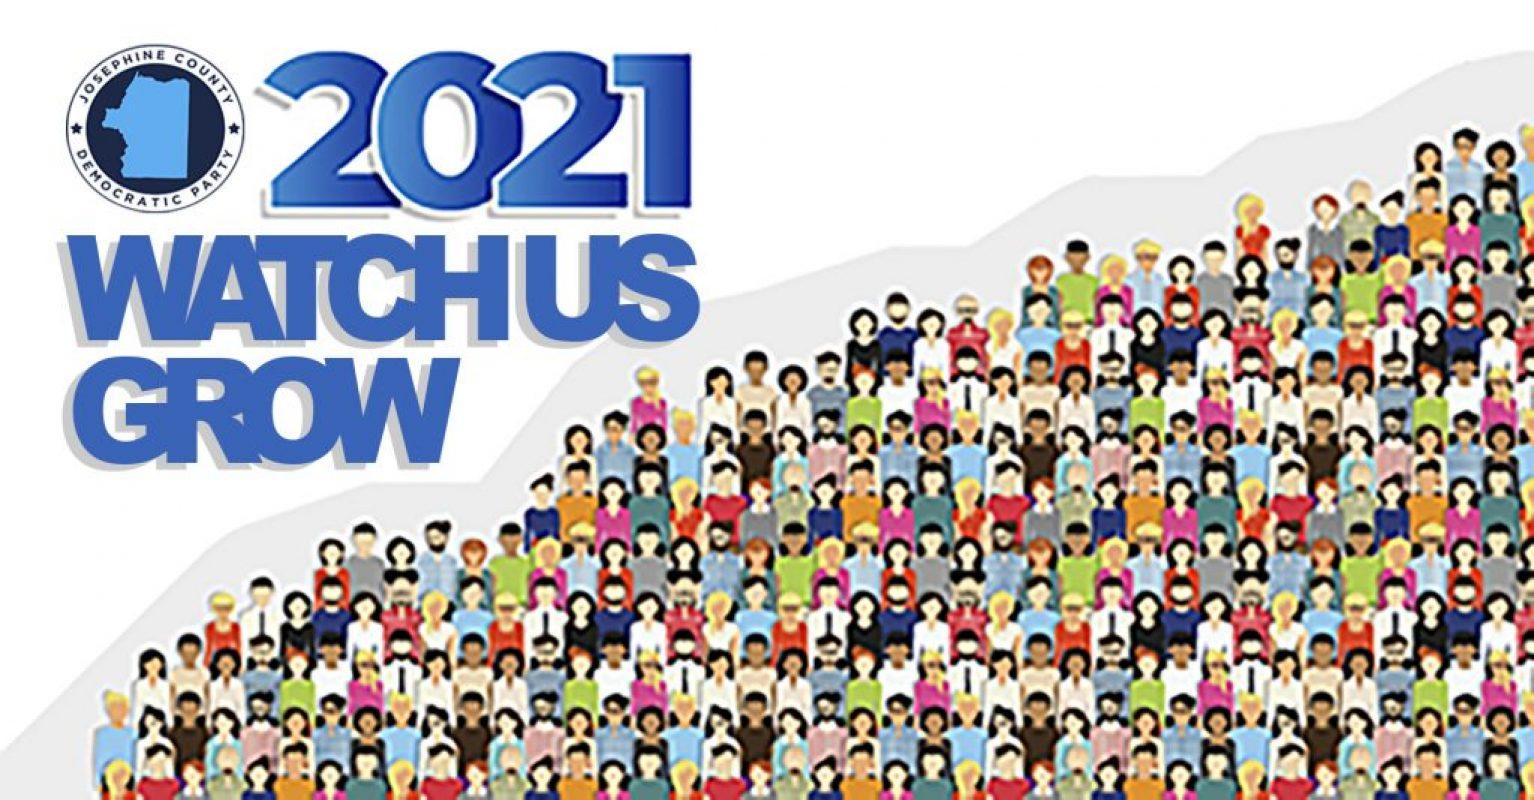 2021 – WATCH US GROW!